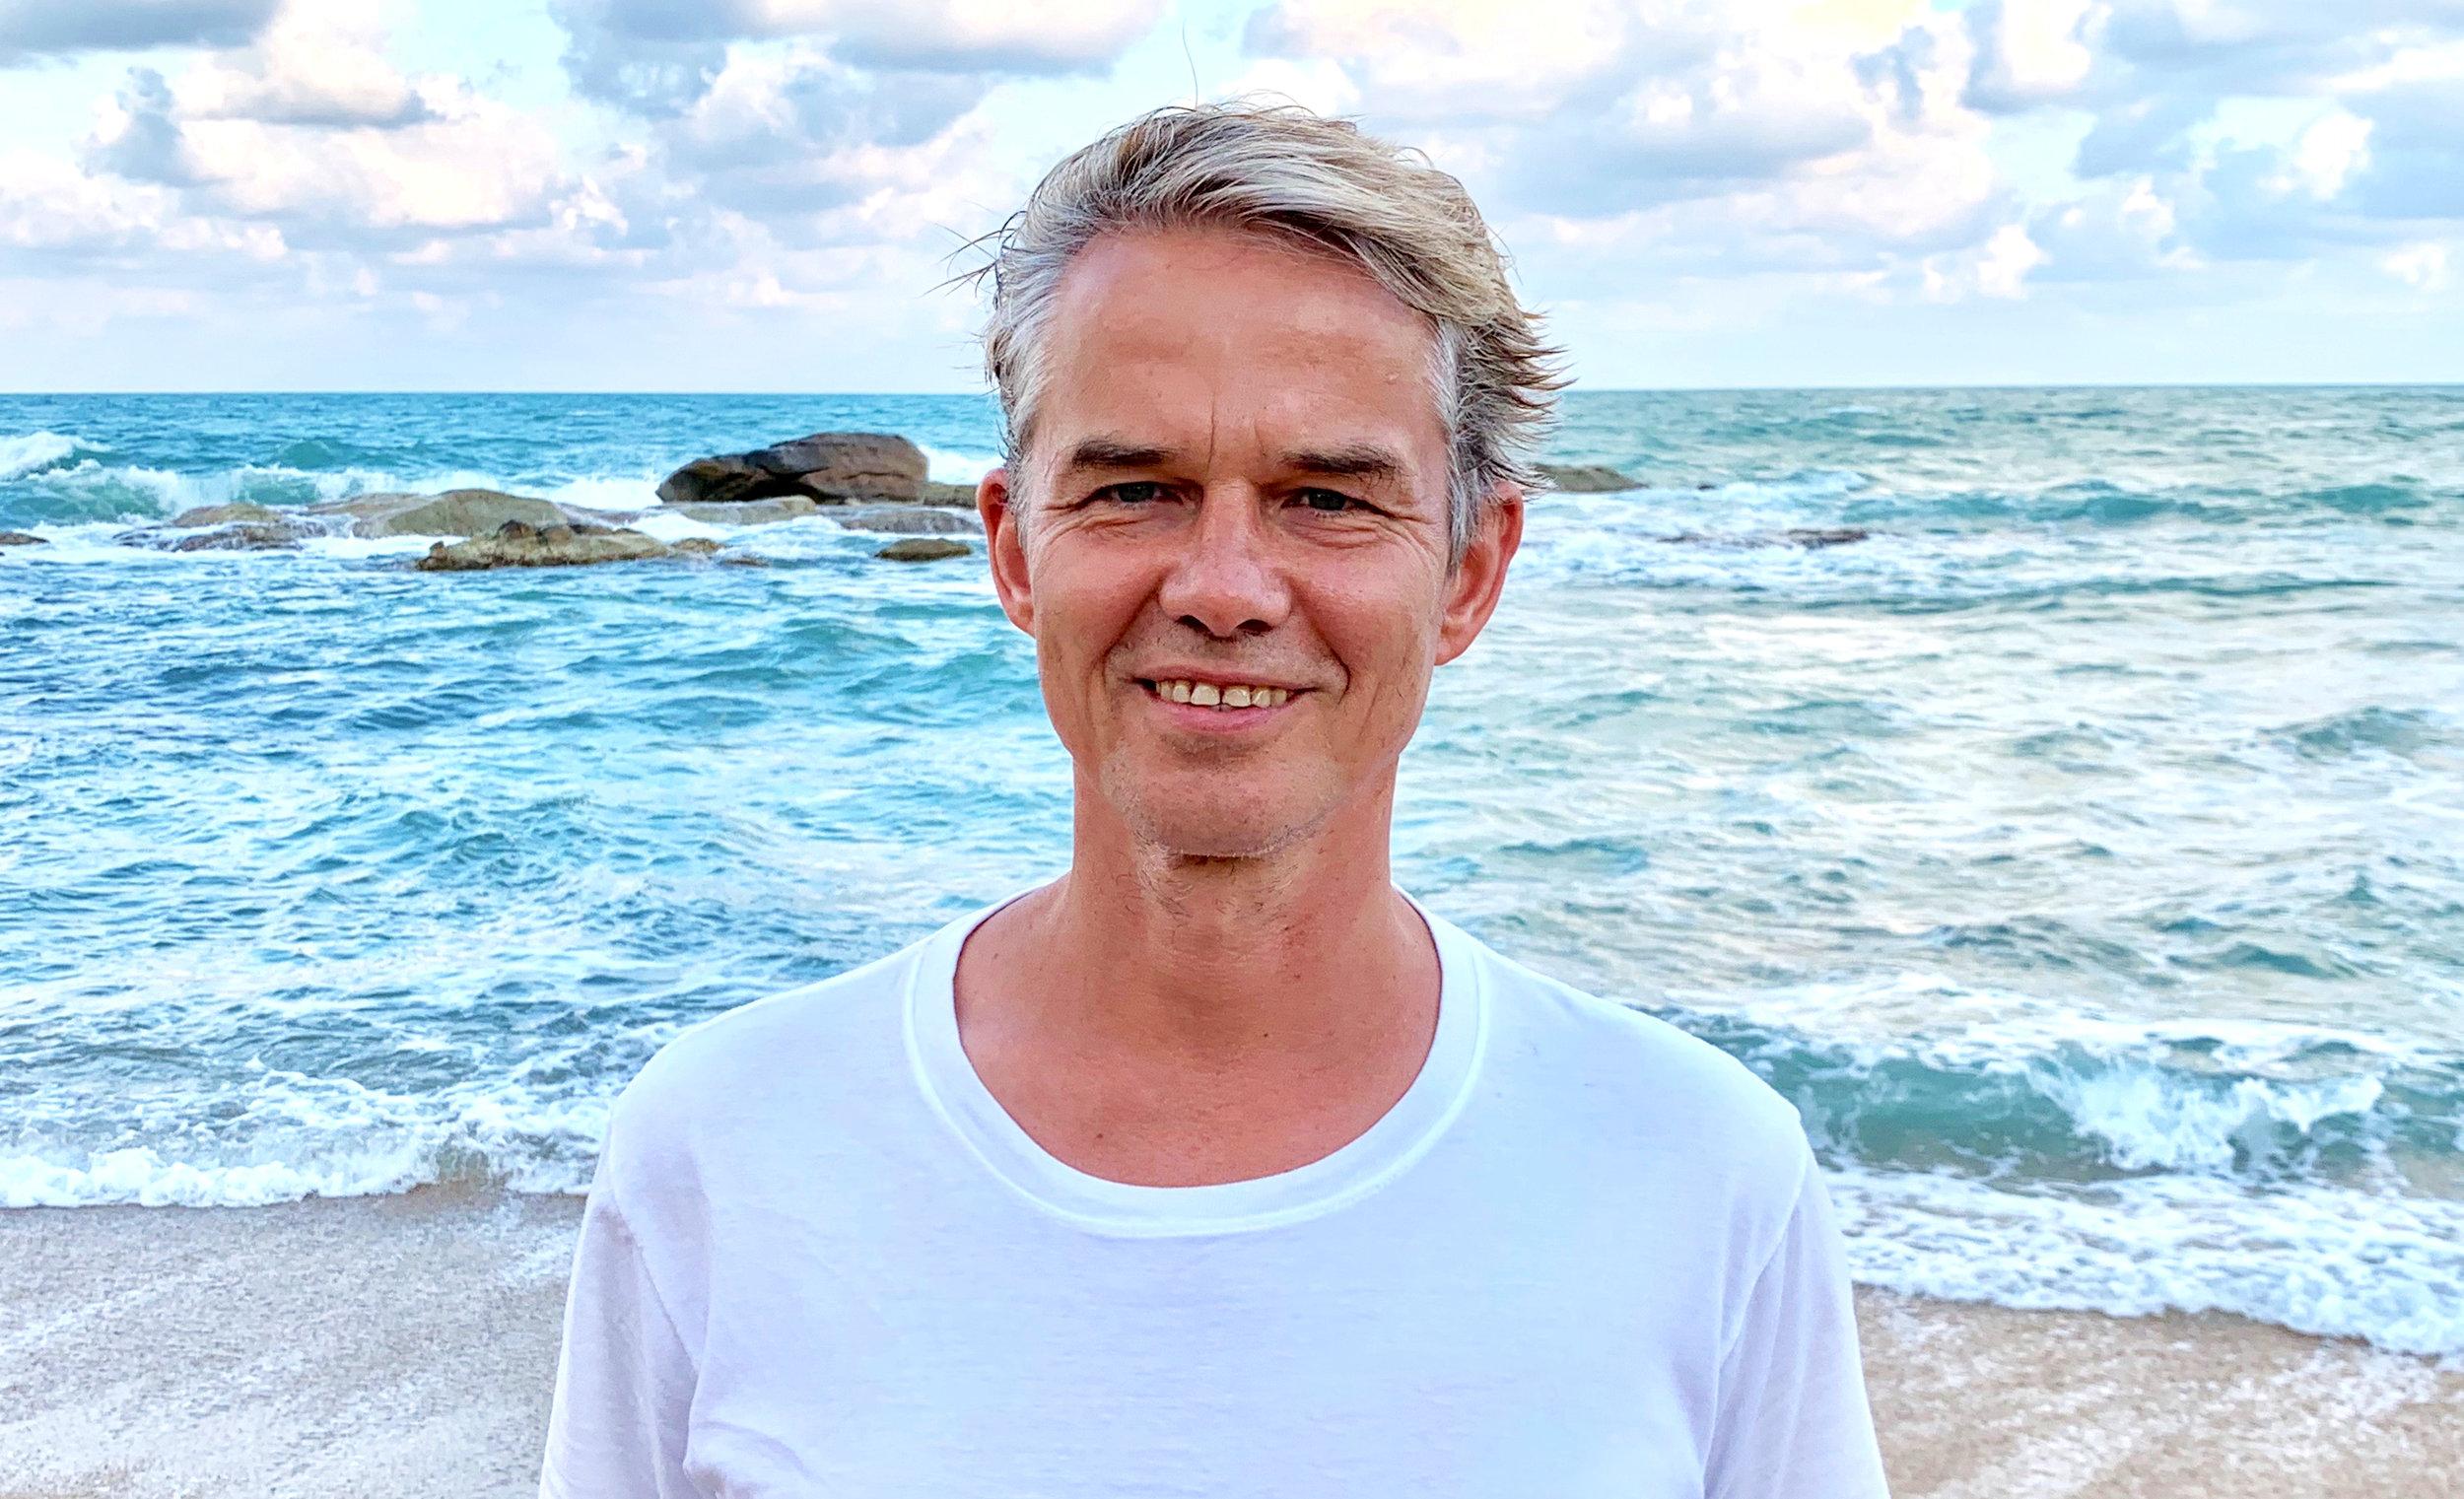 Carsten_beach2.jpg